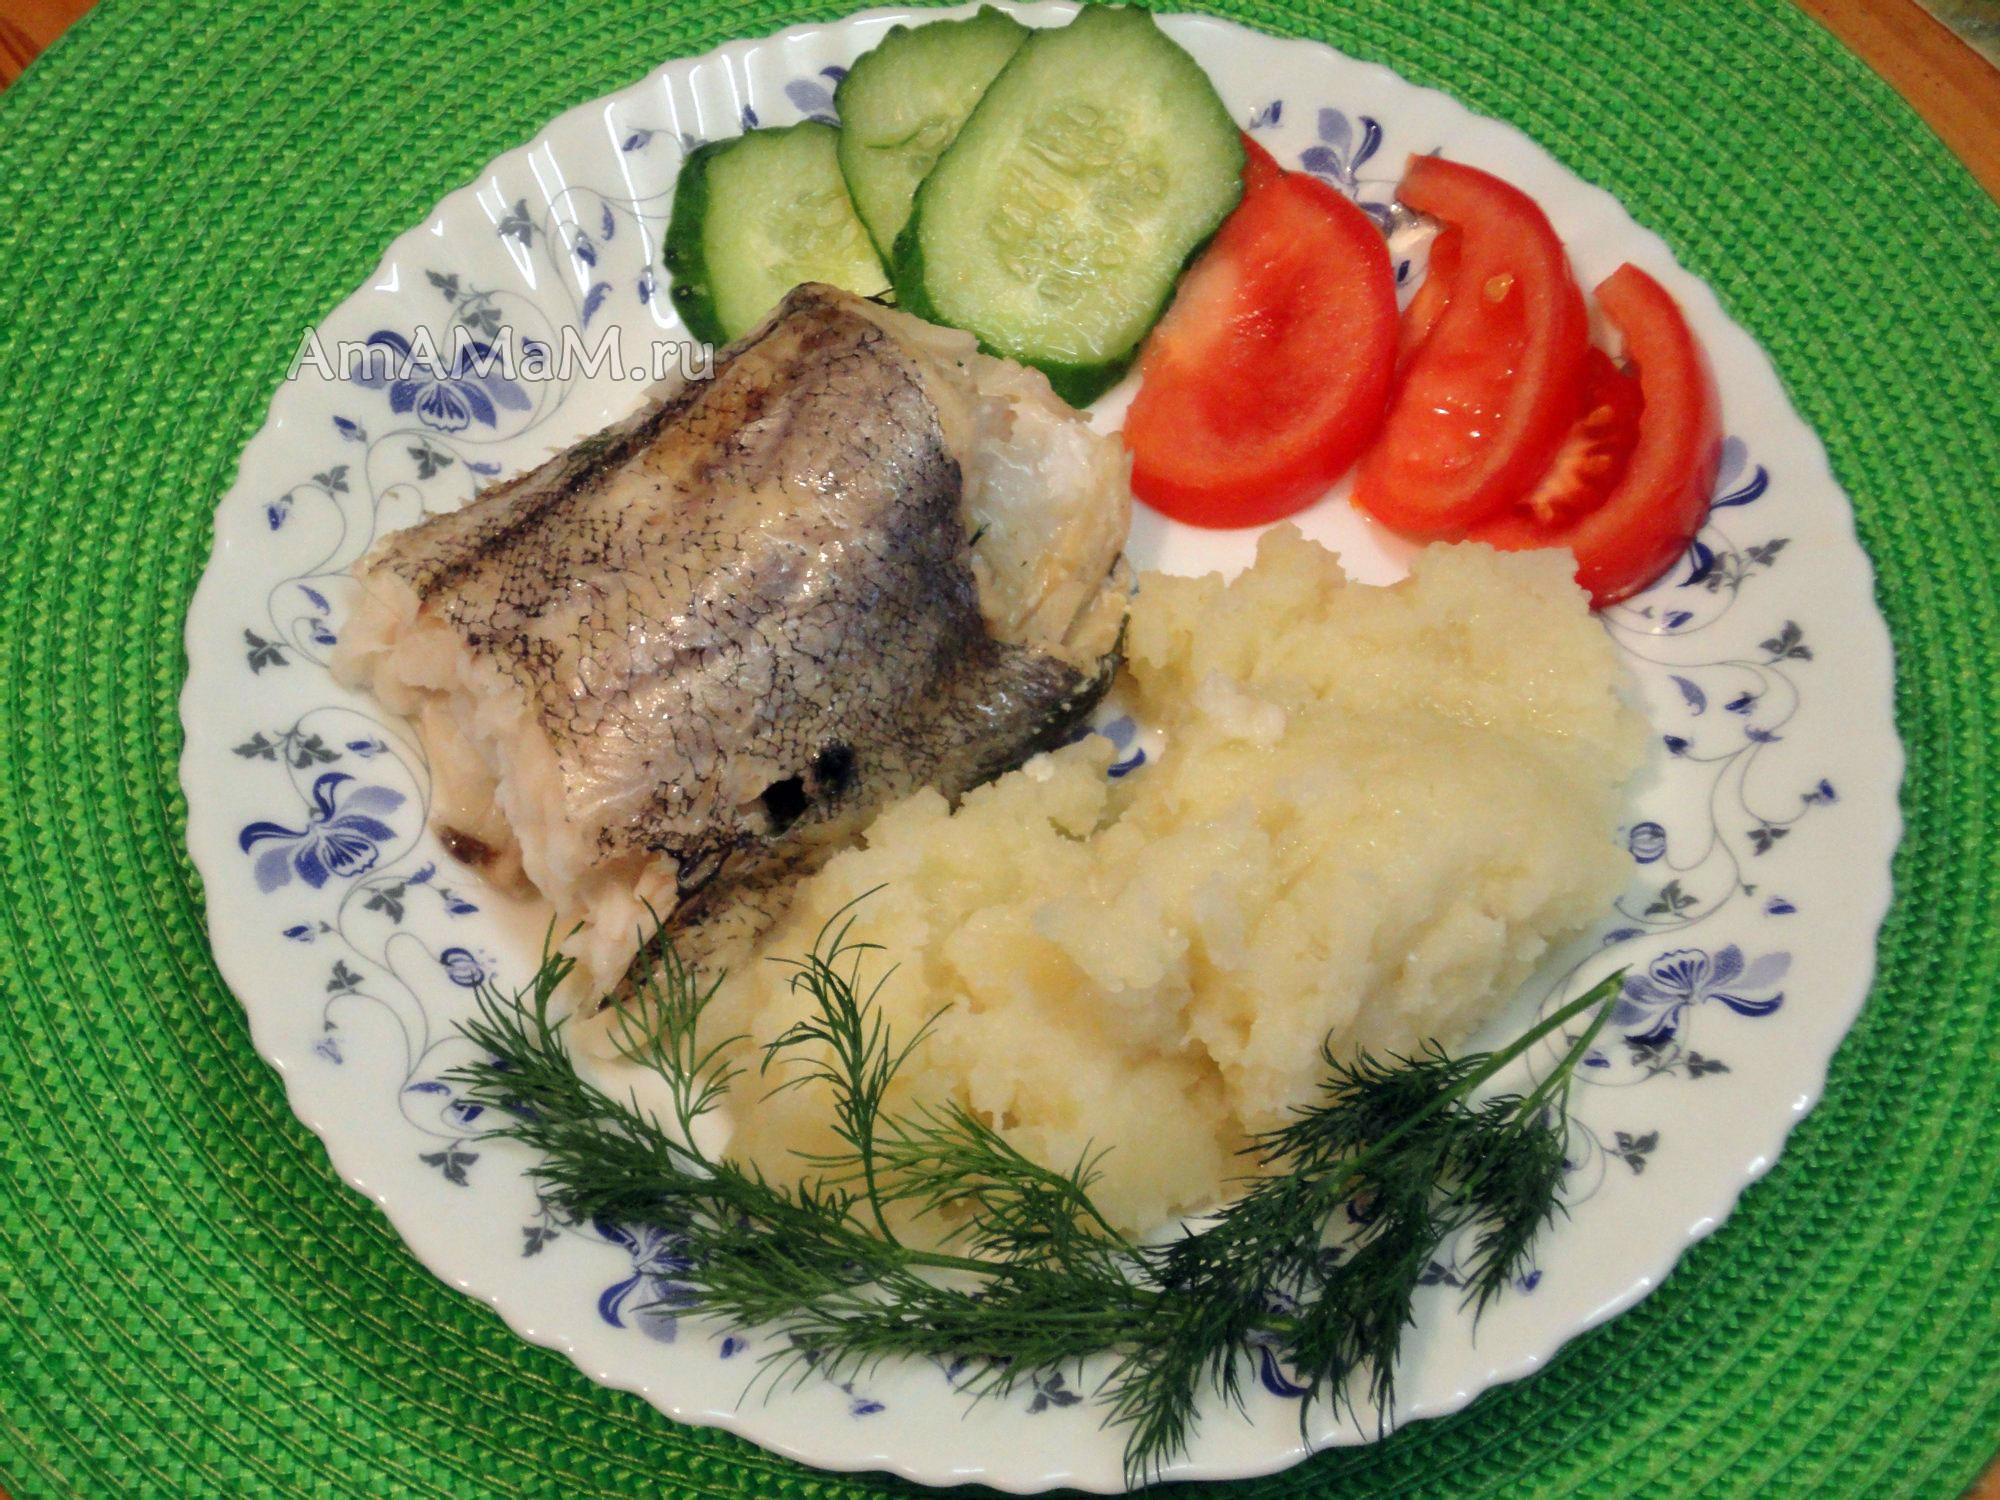 запеченная рыба в фольге в духовке рецепты